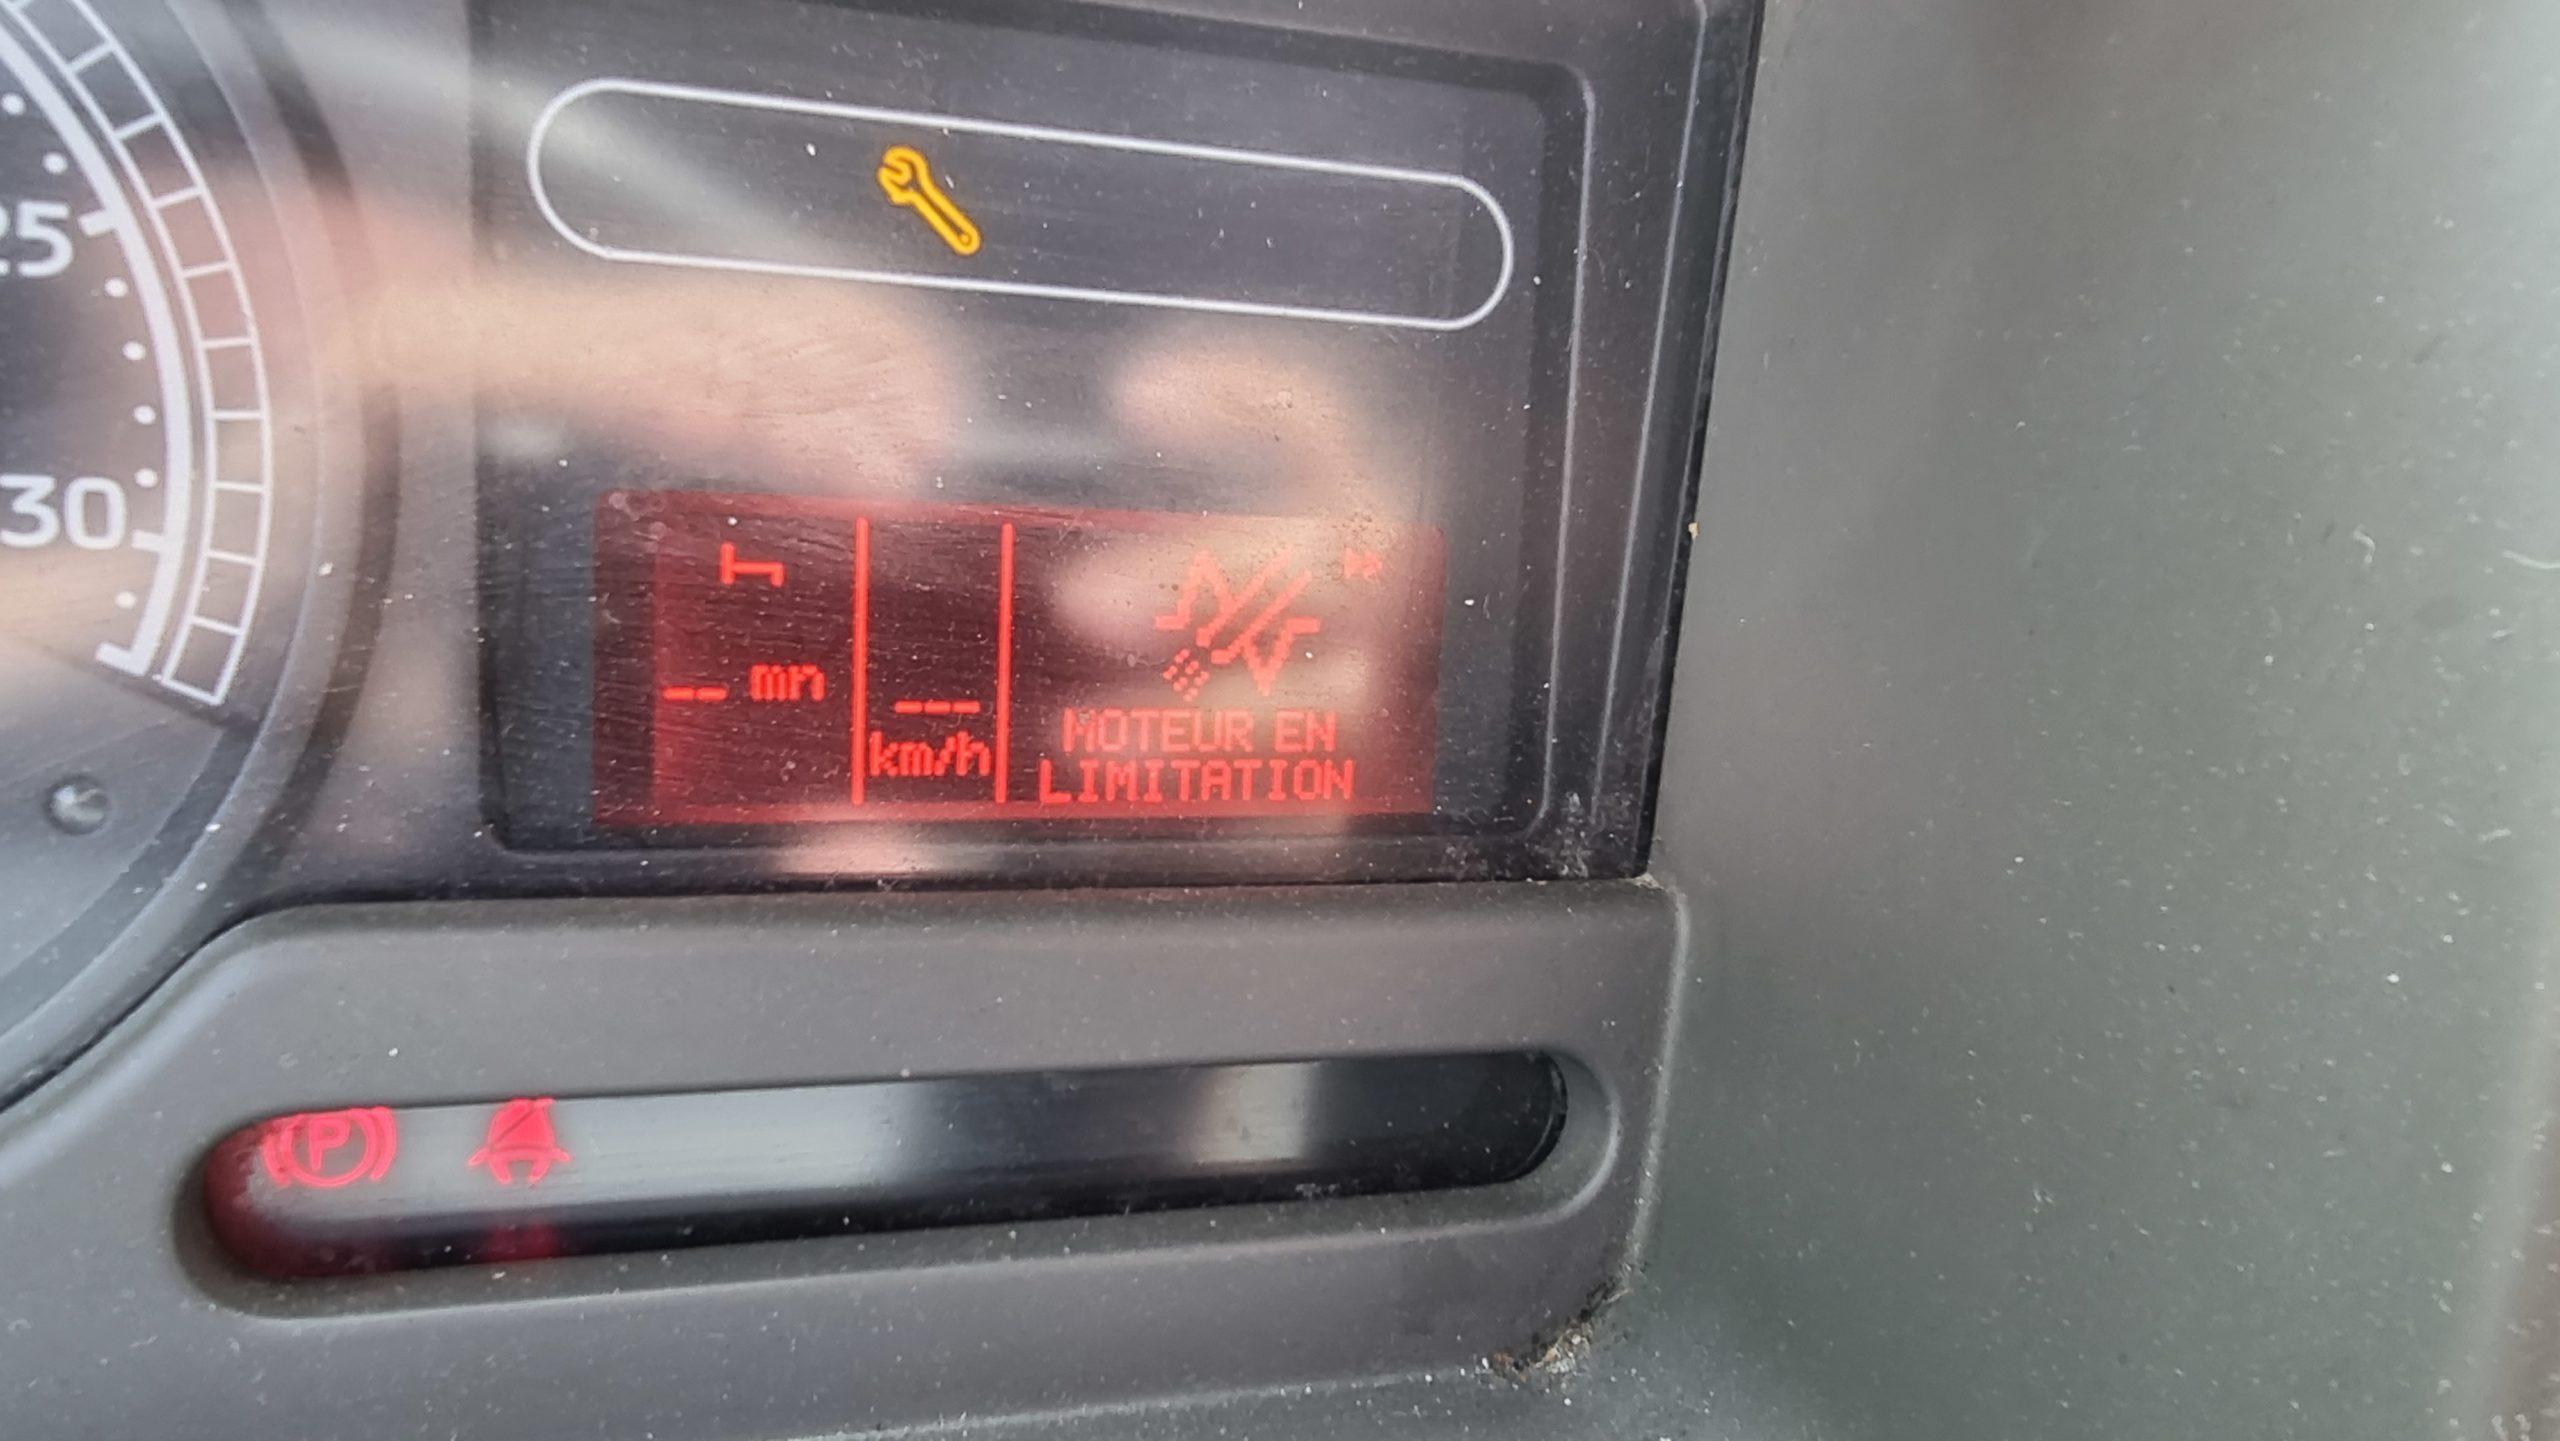 Adblue Renault Midlum et moteur en limitation